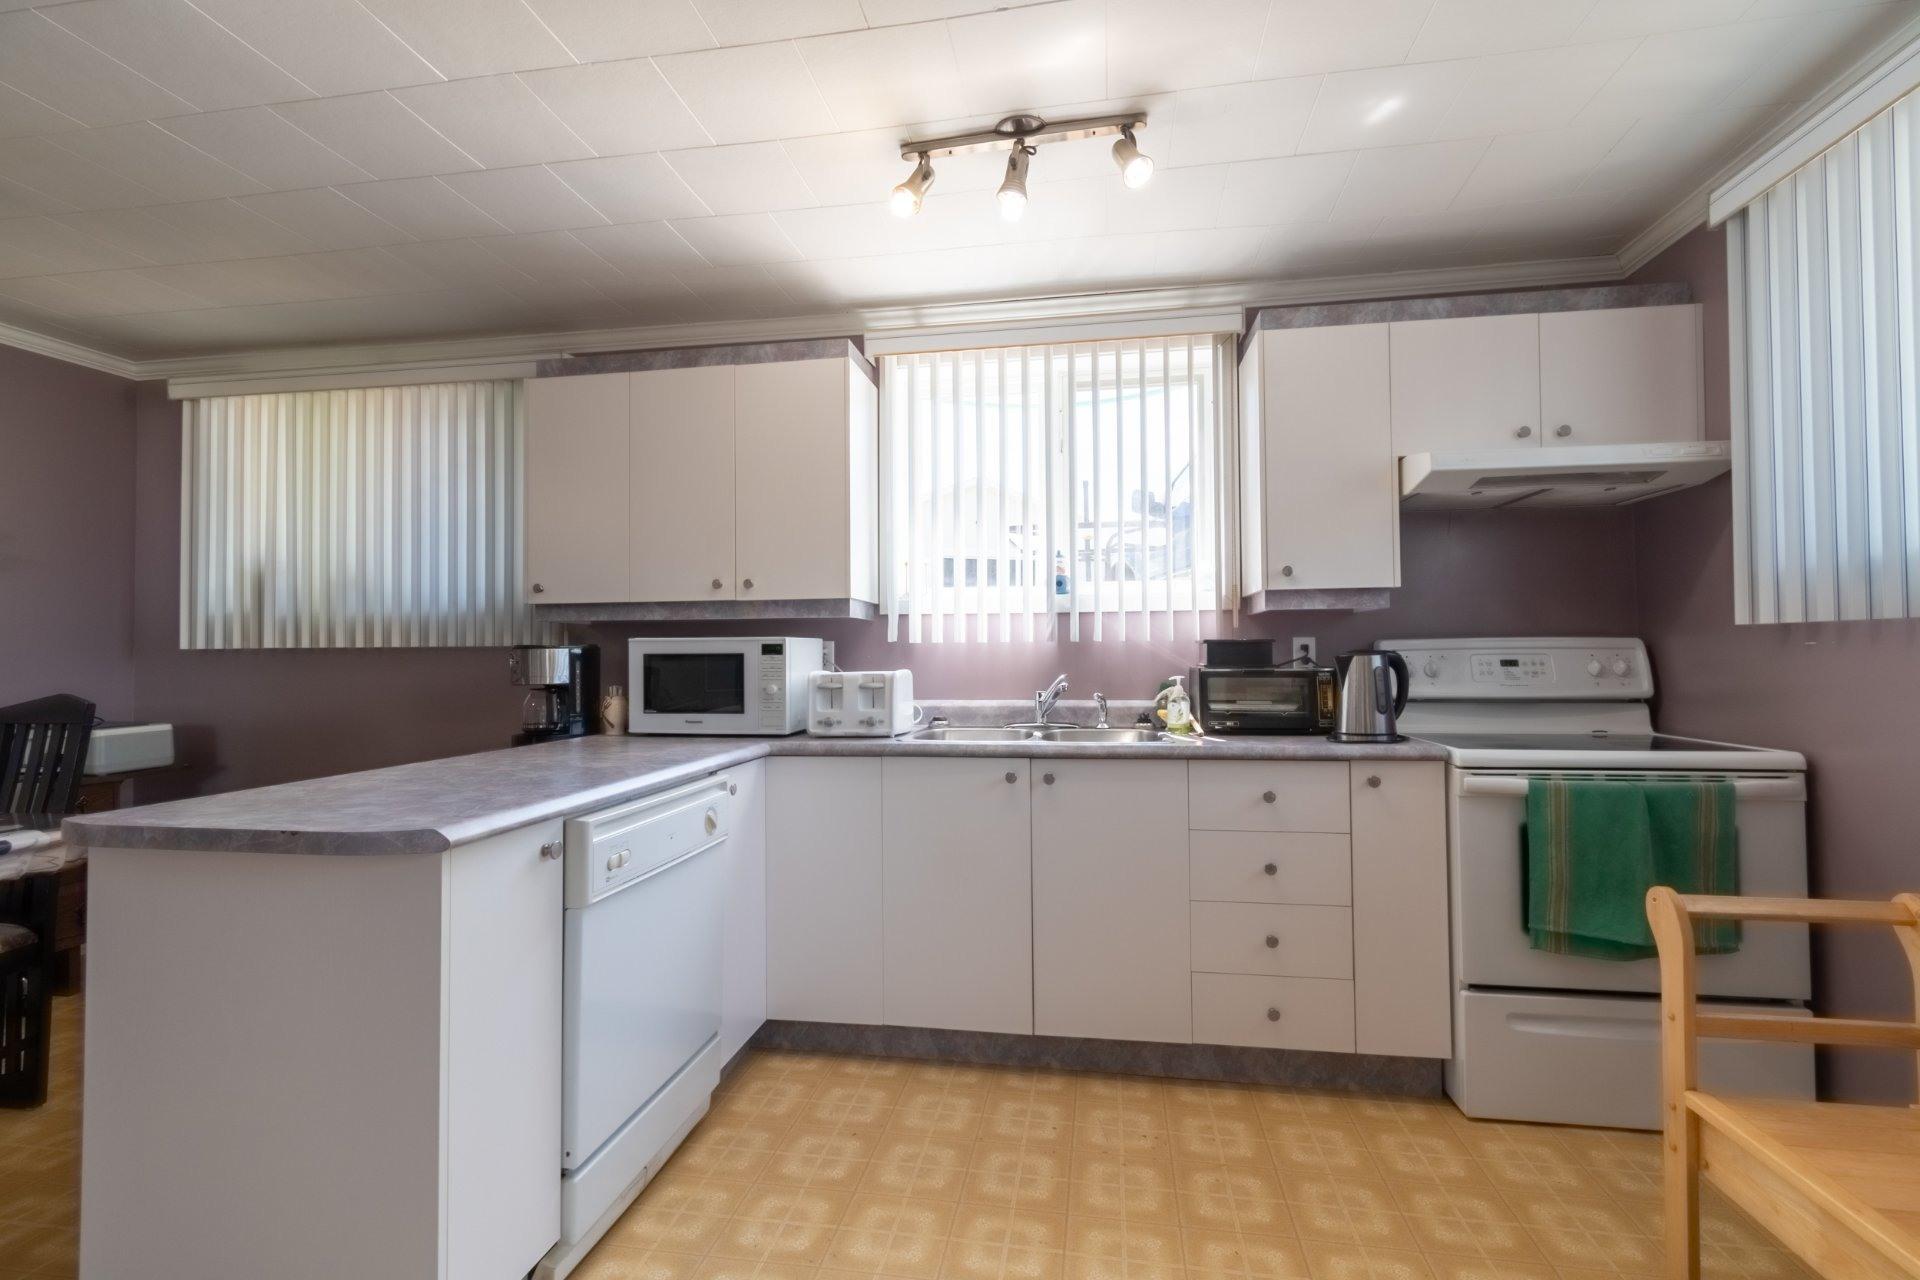 image 16 - Triplex For sale Bécancour - 5 rooms